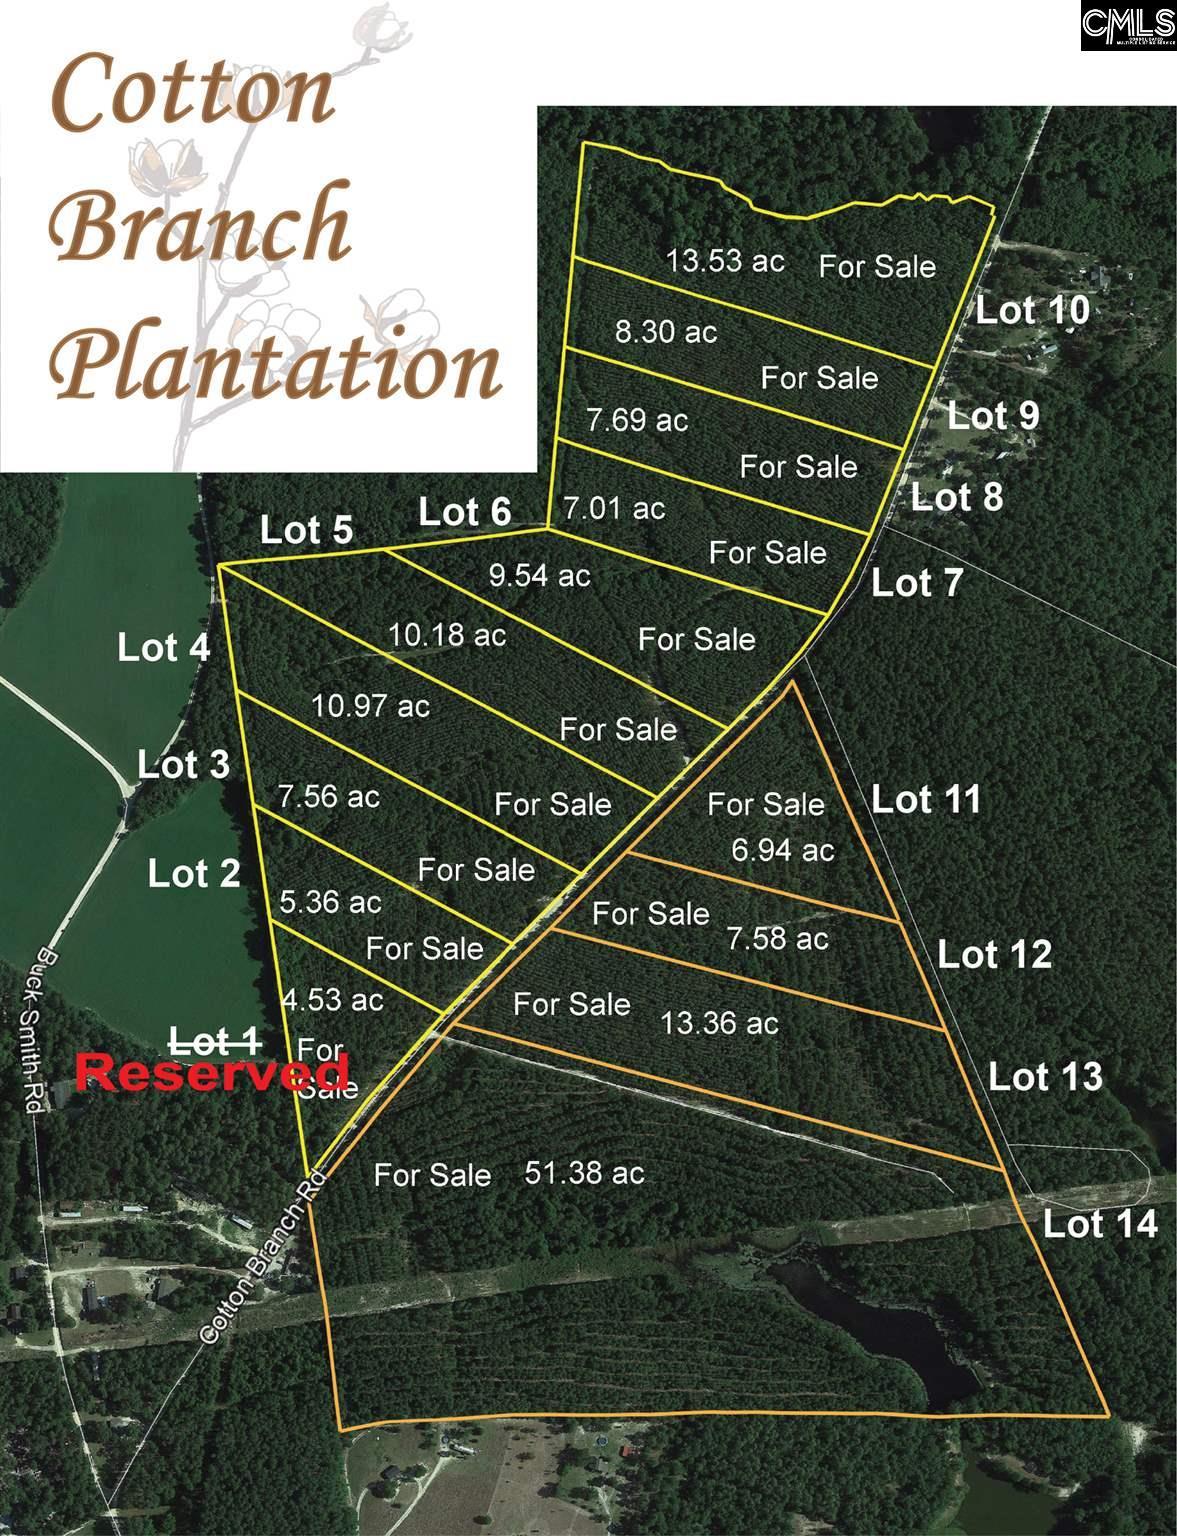 1231 Cotton Branch #13 Leesville, SC 29070